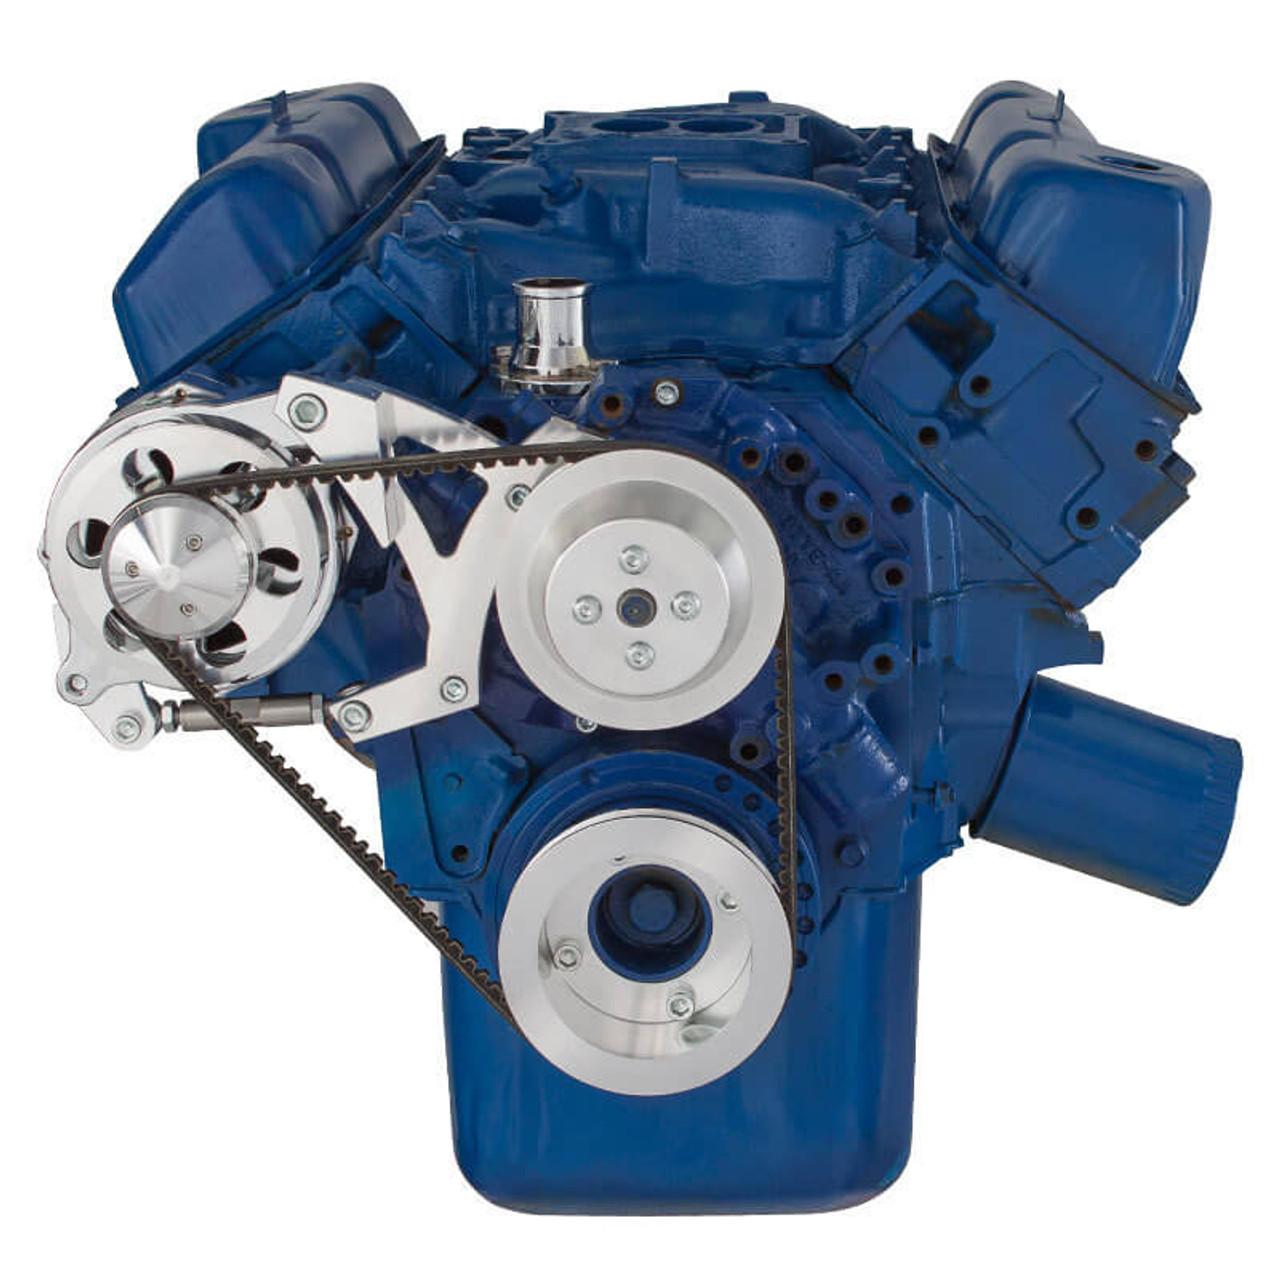 ford 351c, 351m \u0026 400 v belt pulley system (351c) alternator only Ford F-150 Distributor Diagram ford 351c, 351m \u0026 400 v belt system alternator